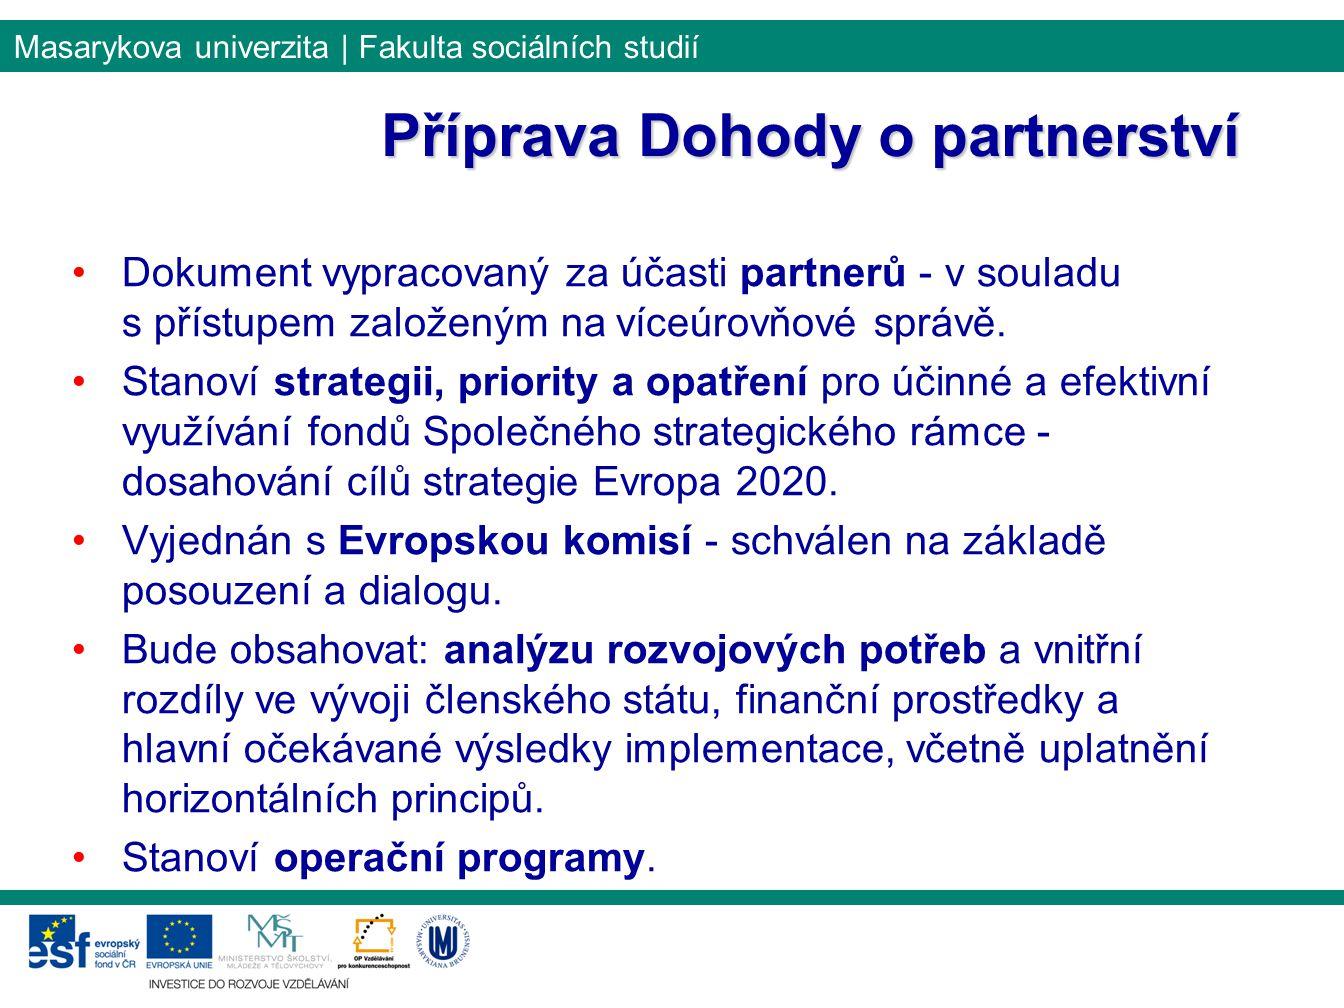 Příprava Dohody o partnerství